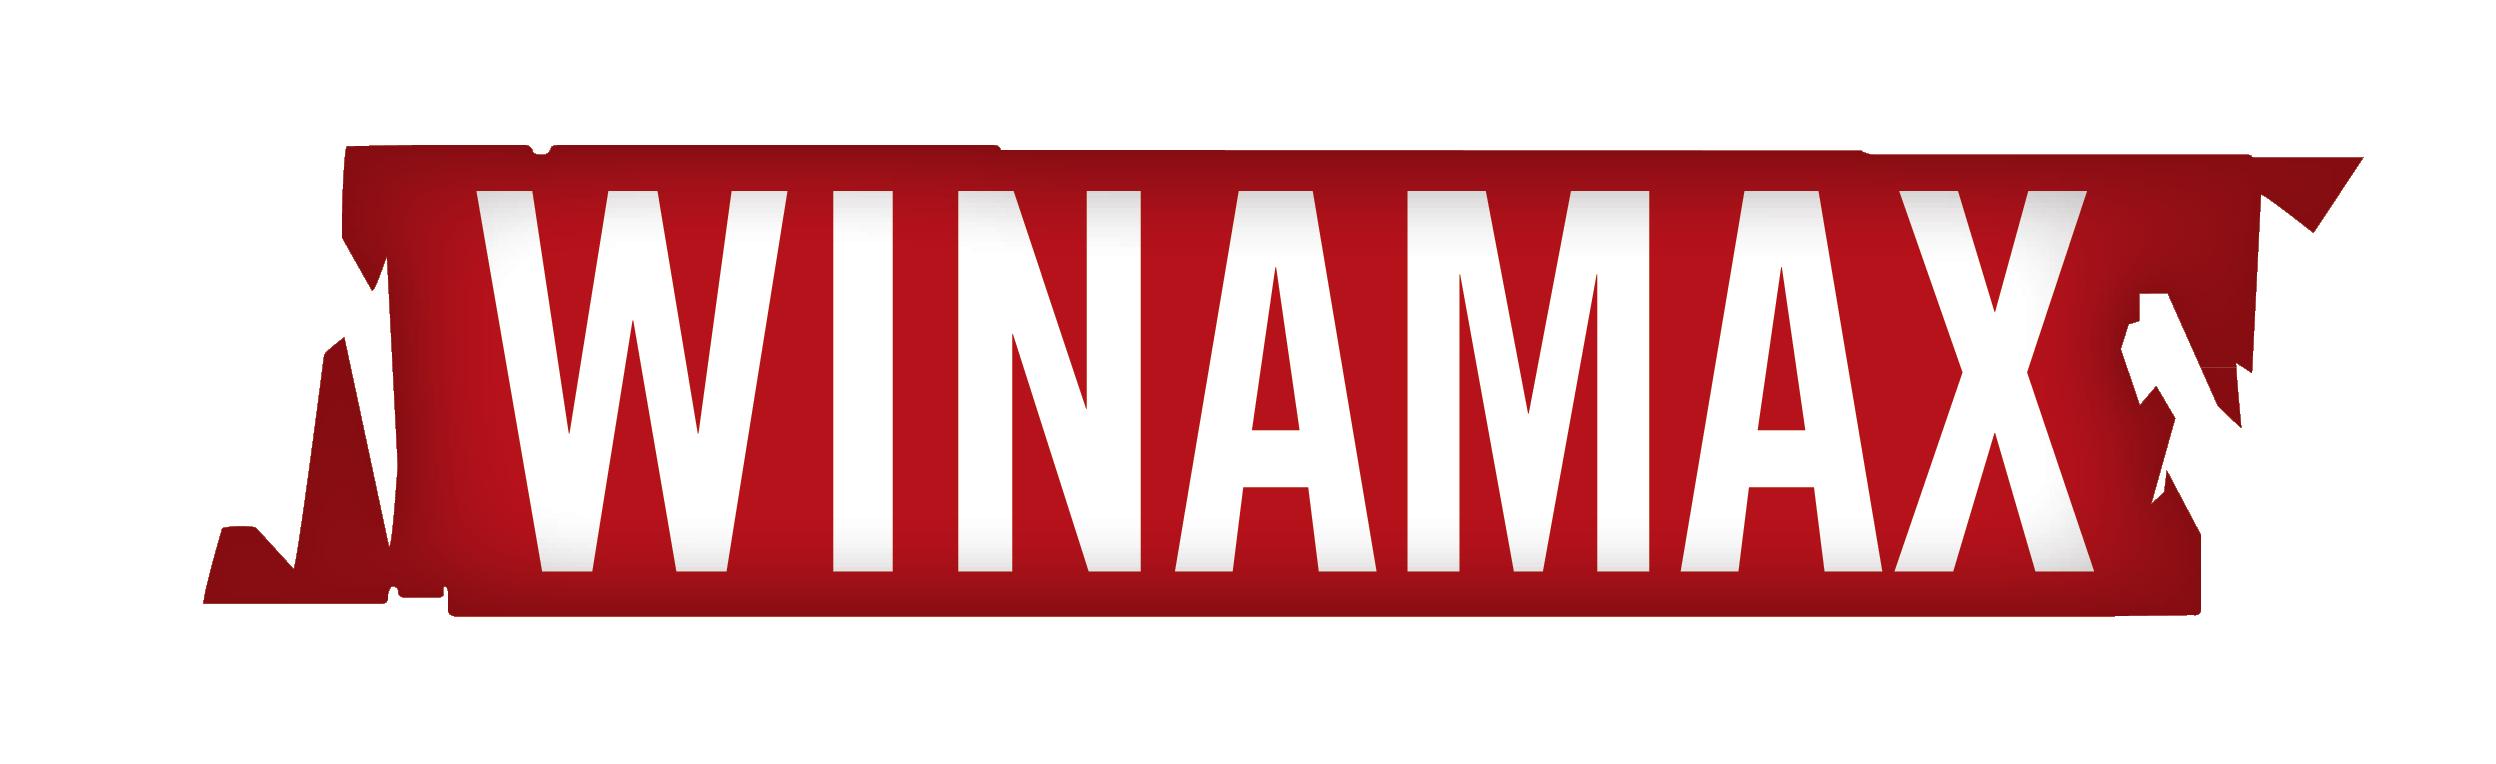 Winnamax